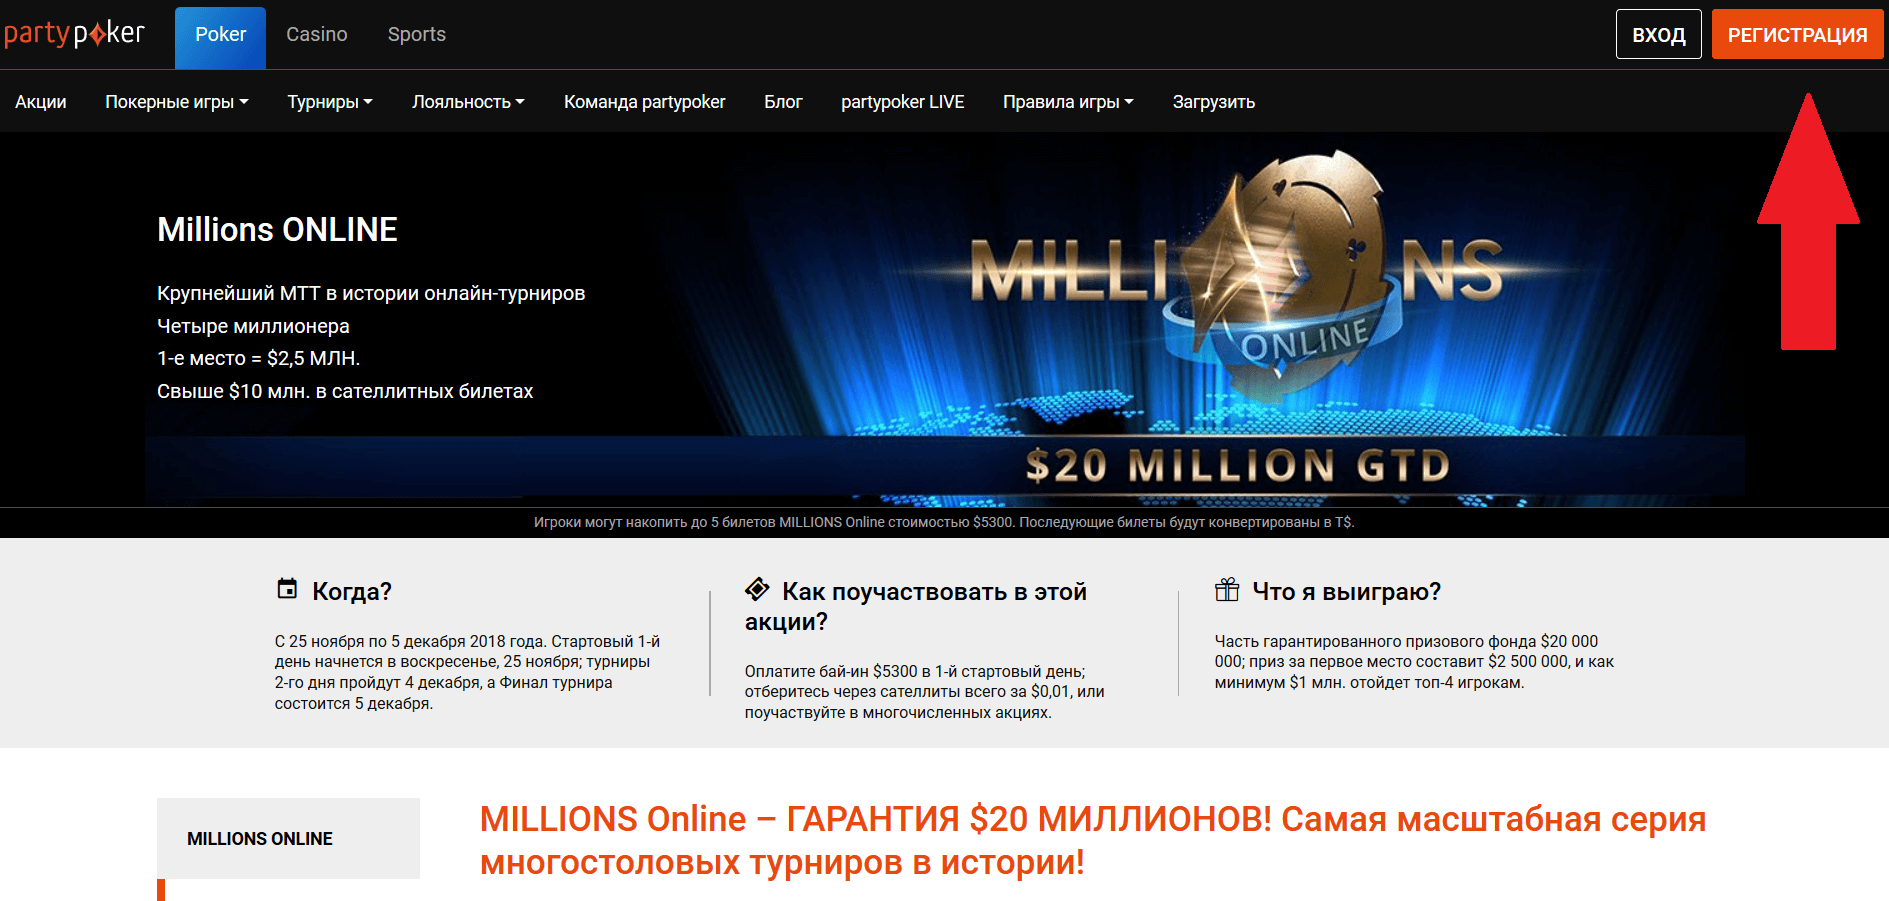 пати покер регистрация на официальном сайте